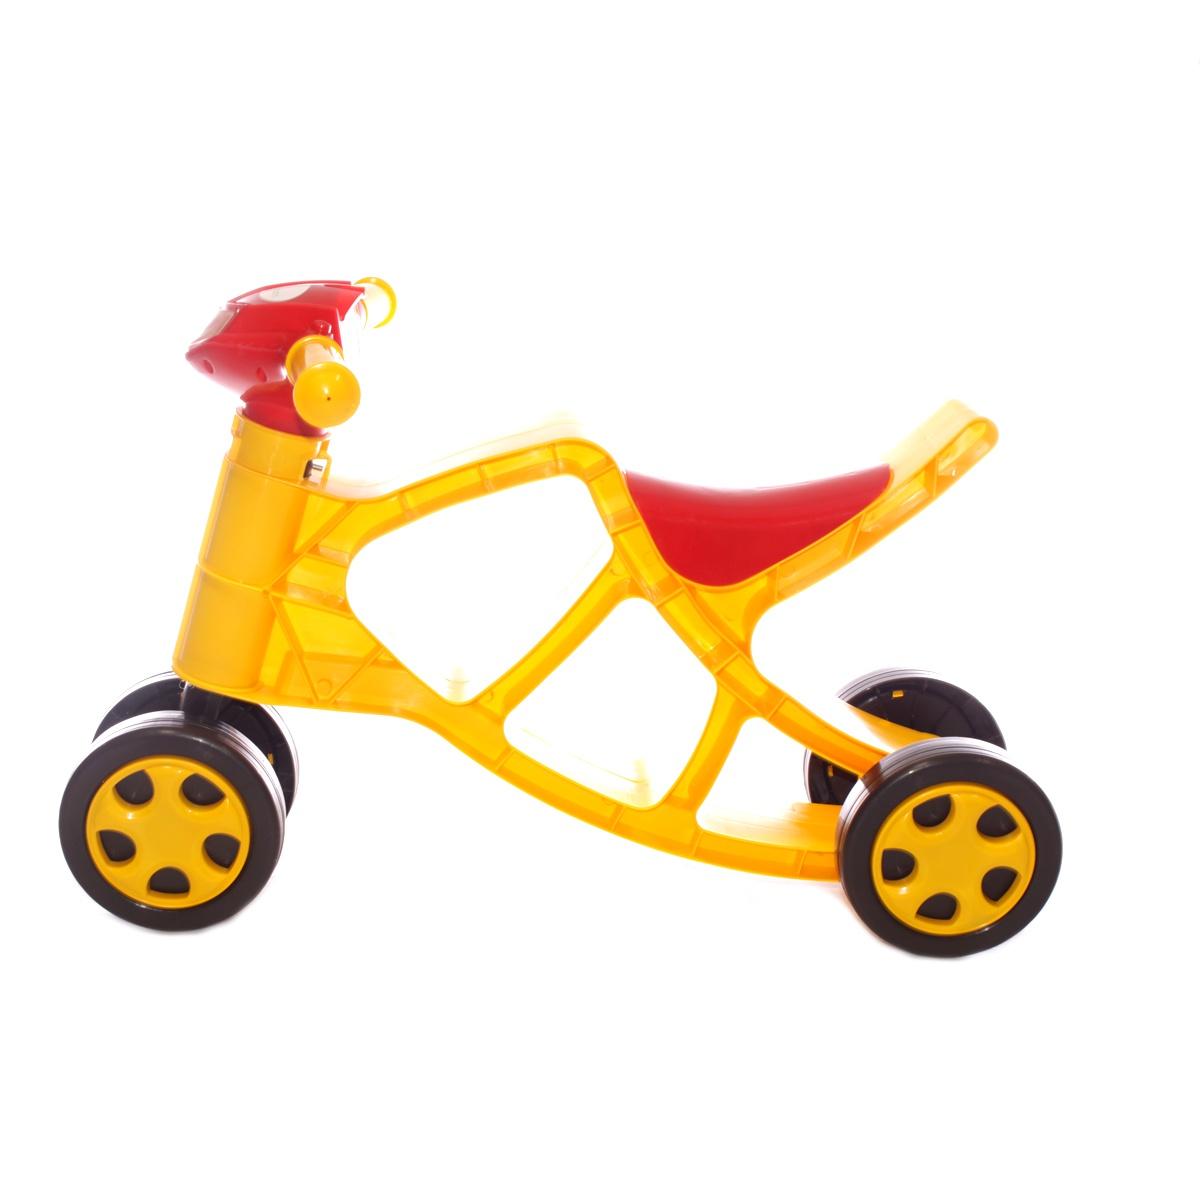 Каталка Doloni Толокар, 0137/03 желтый, красный детская горка doloni развлечение желтый синий